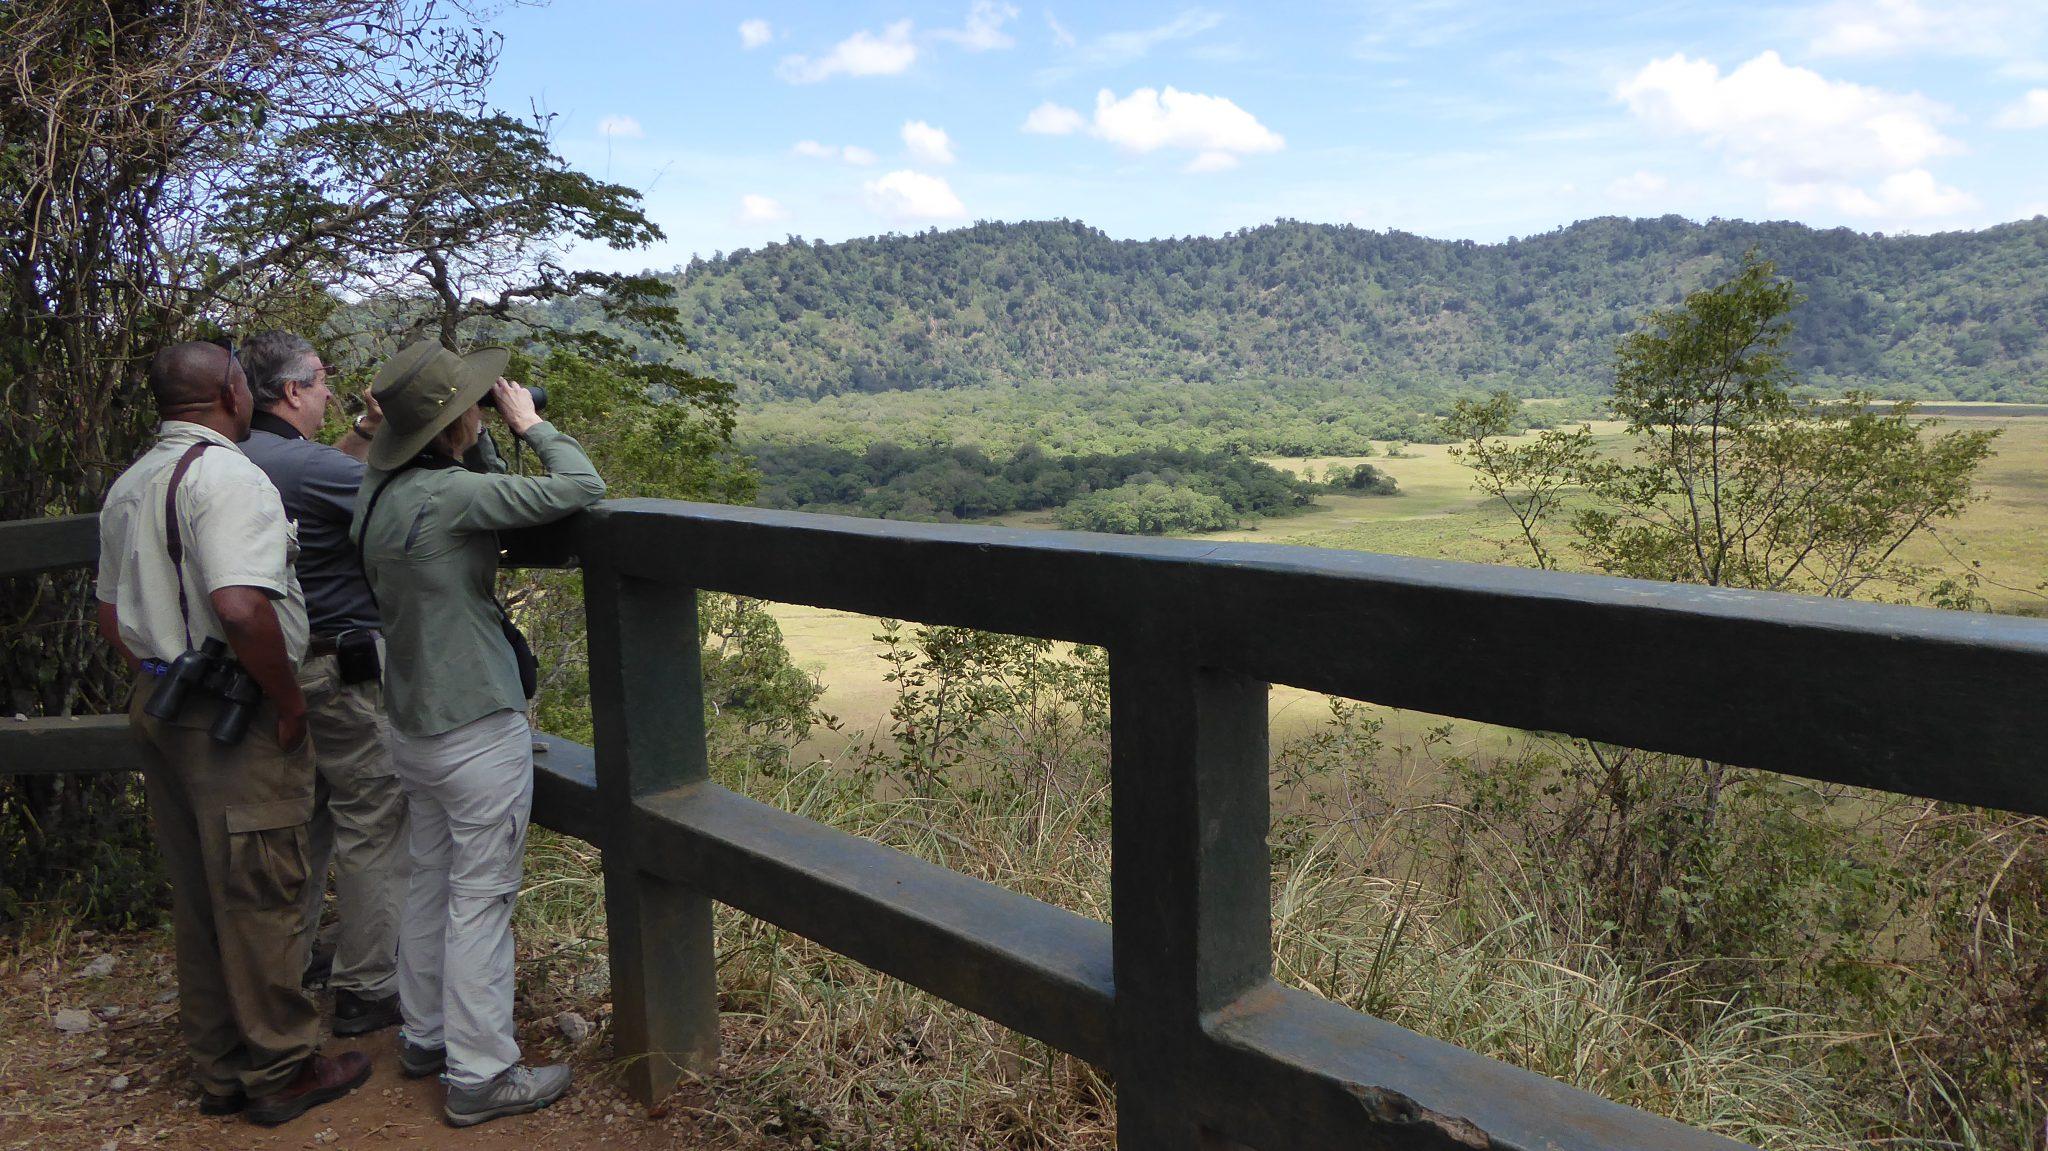 Le parc national d'Arusha, connu pour sa grande forêt tropicale, dispose également de grandes plaines.